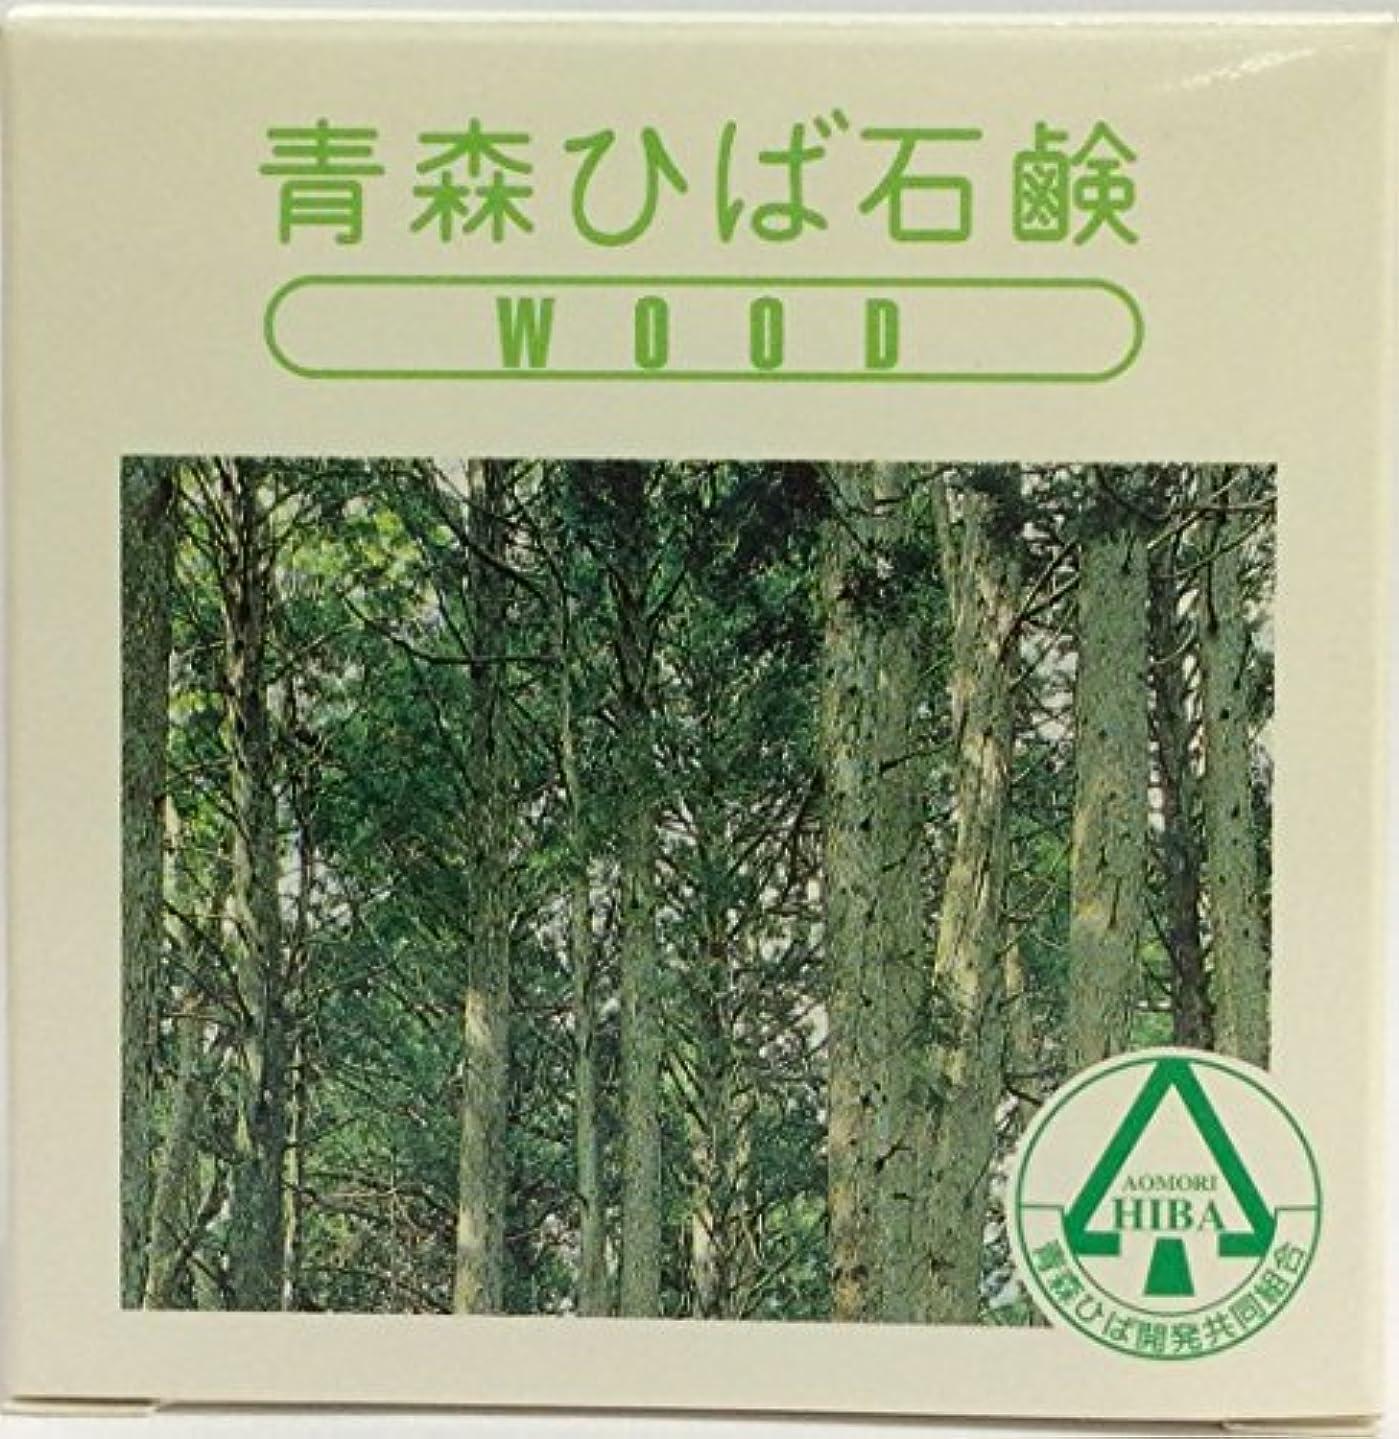 主観的十分コード青森ひば石鹸 WOOD 95g クラウンウッド(Y)